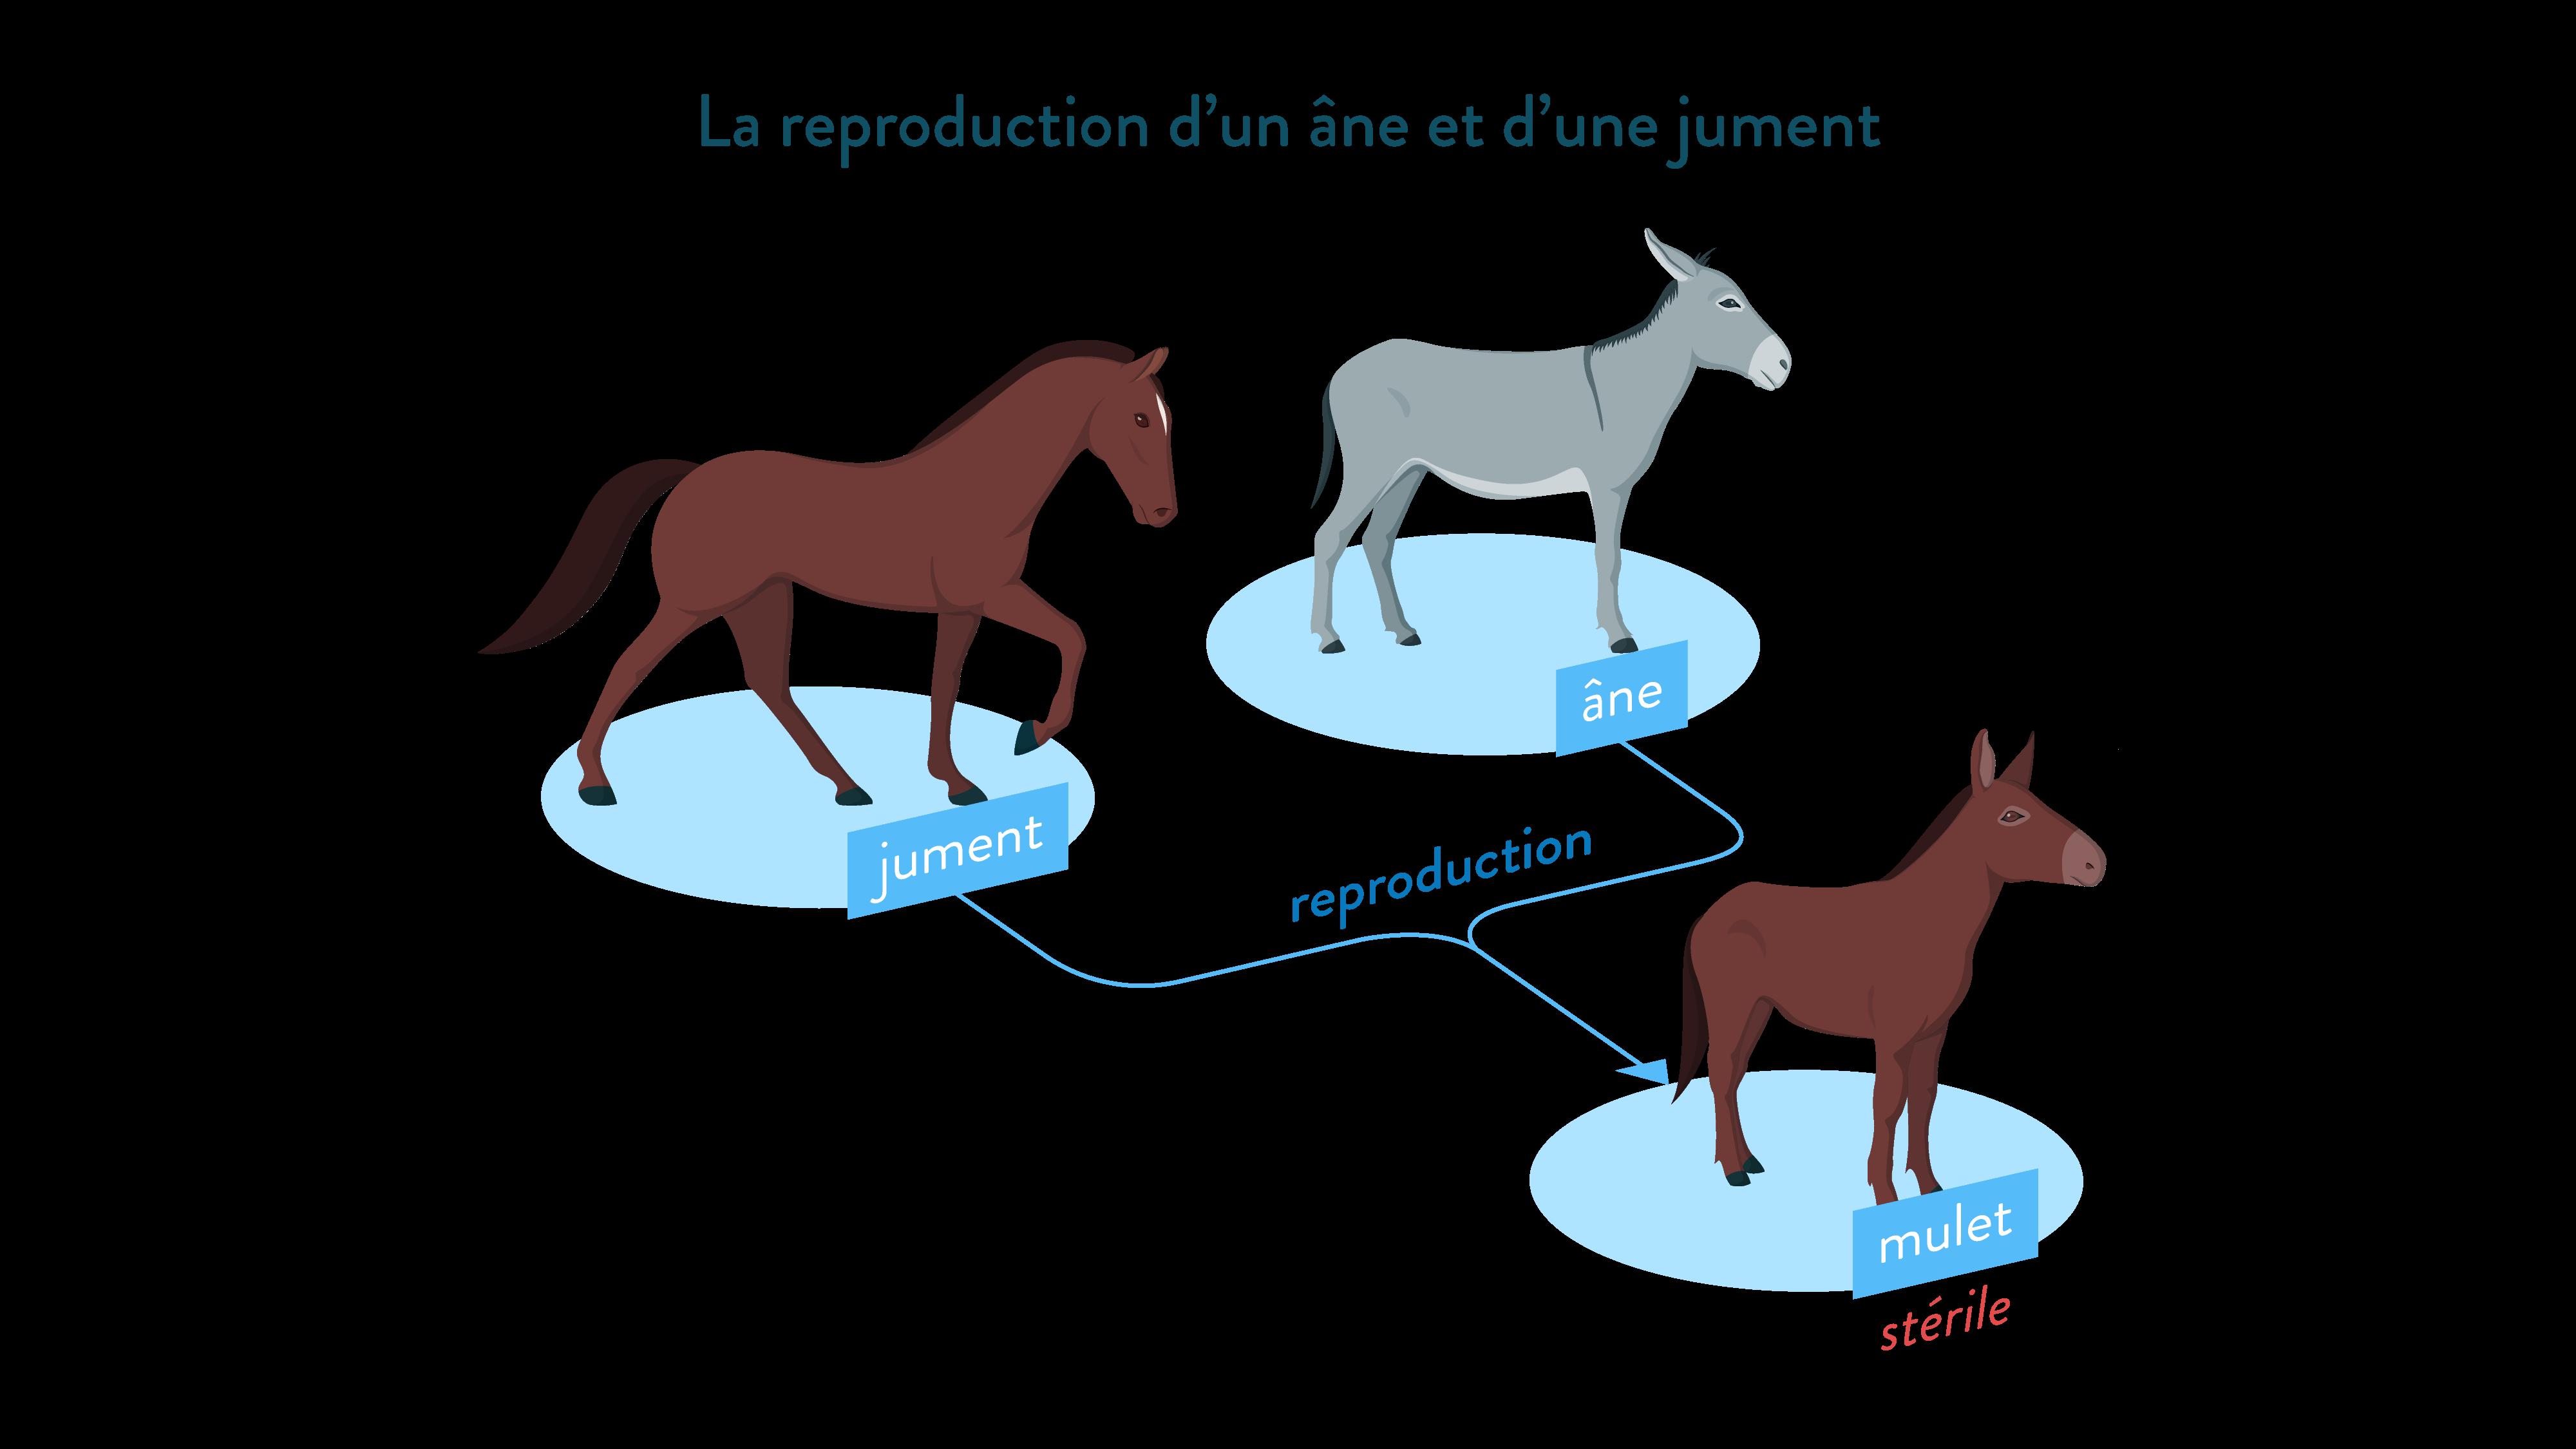 Reproduction d'un âne et d'un jument mulet stérile-svt-6eme-schoolmouv